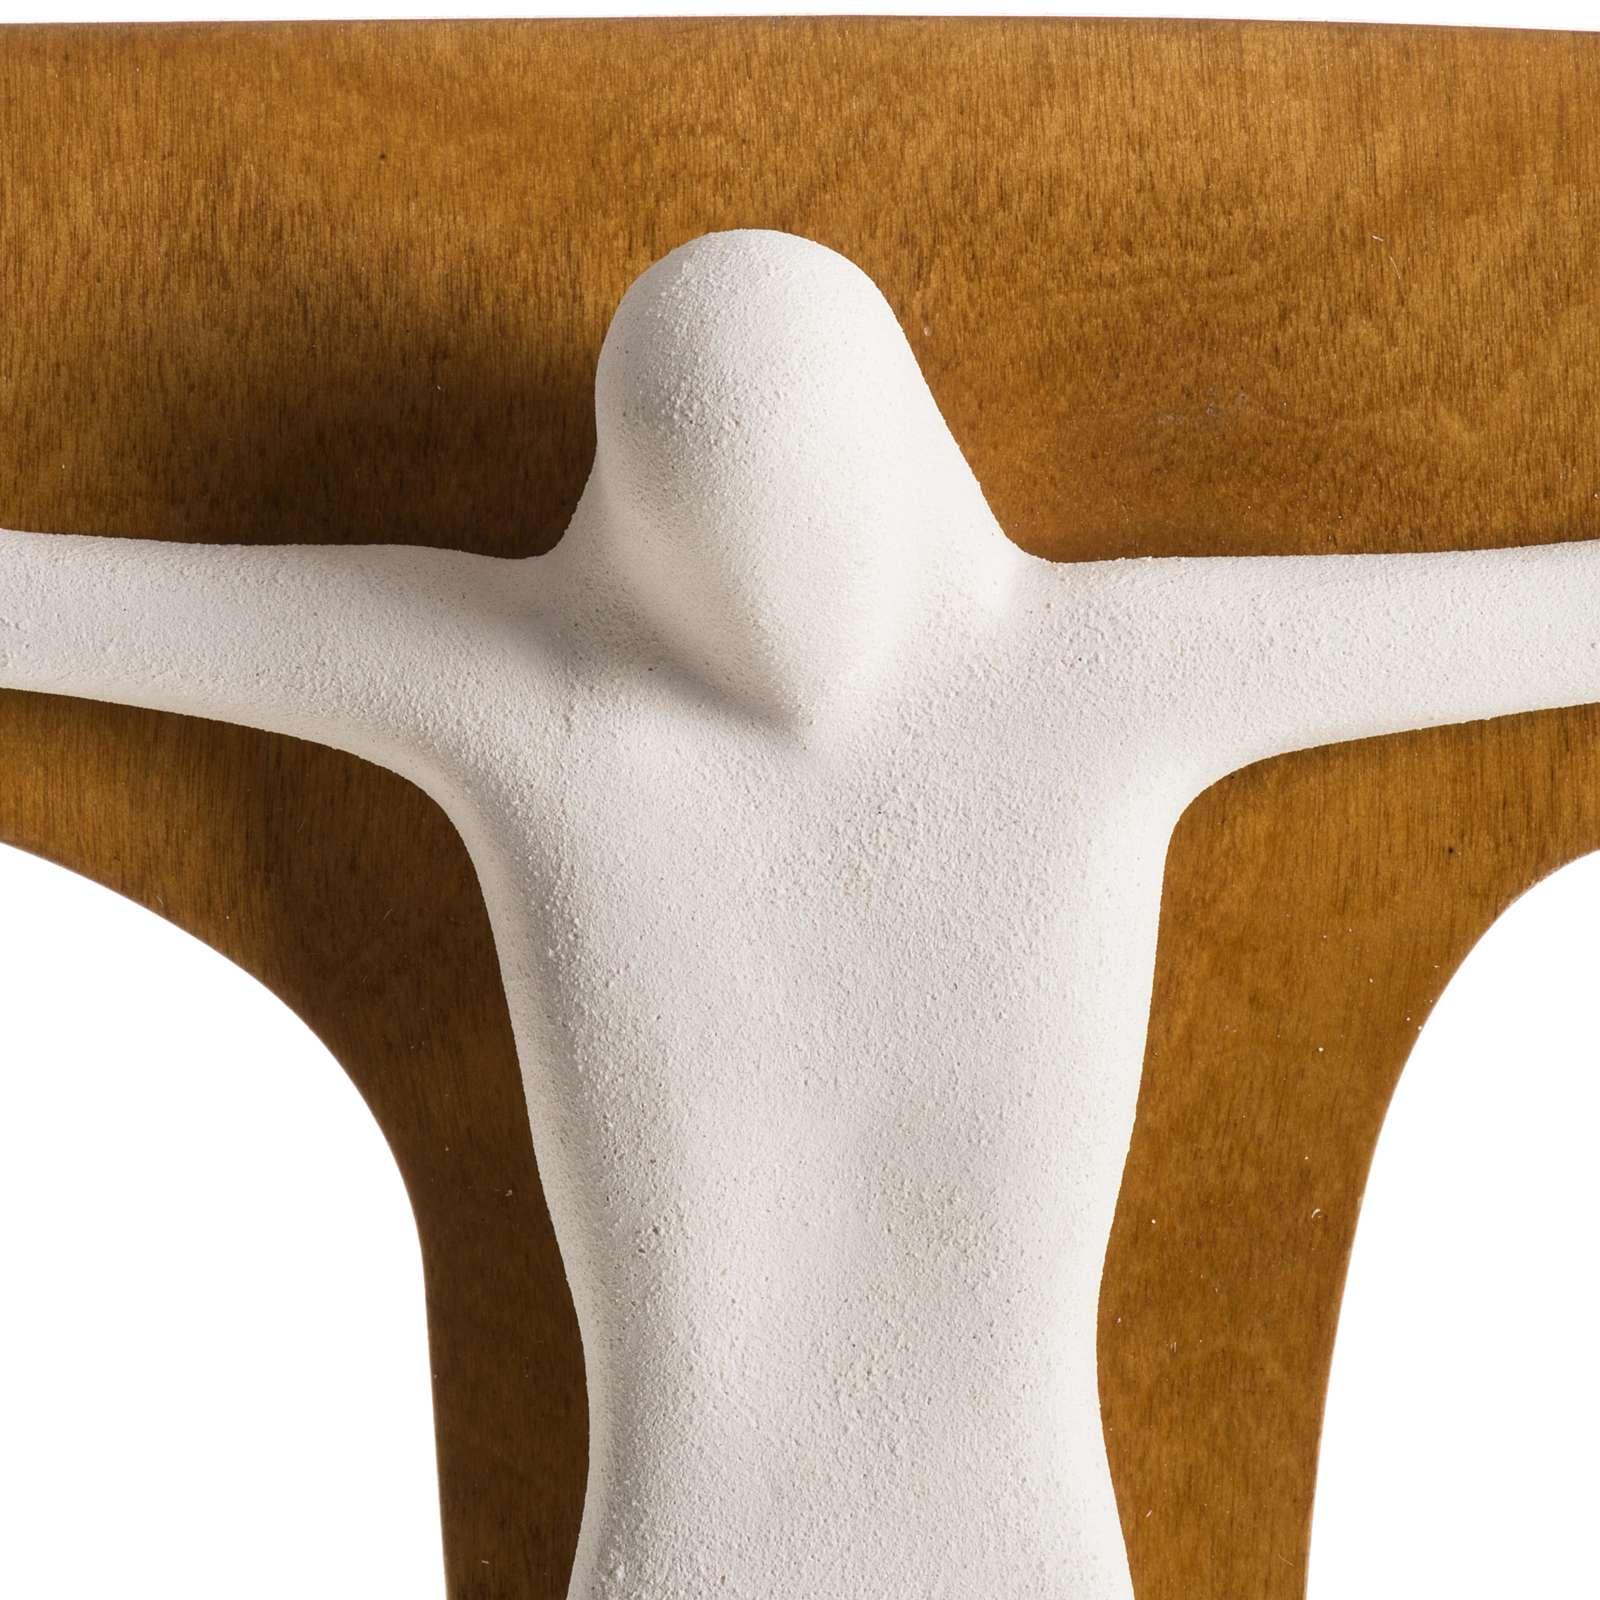 Crocifisso argilla bianca su croce legno 28 cm 4